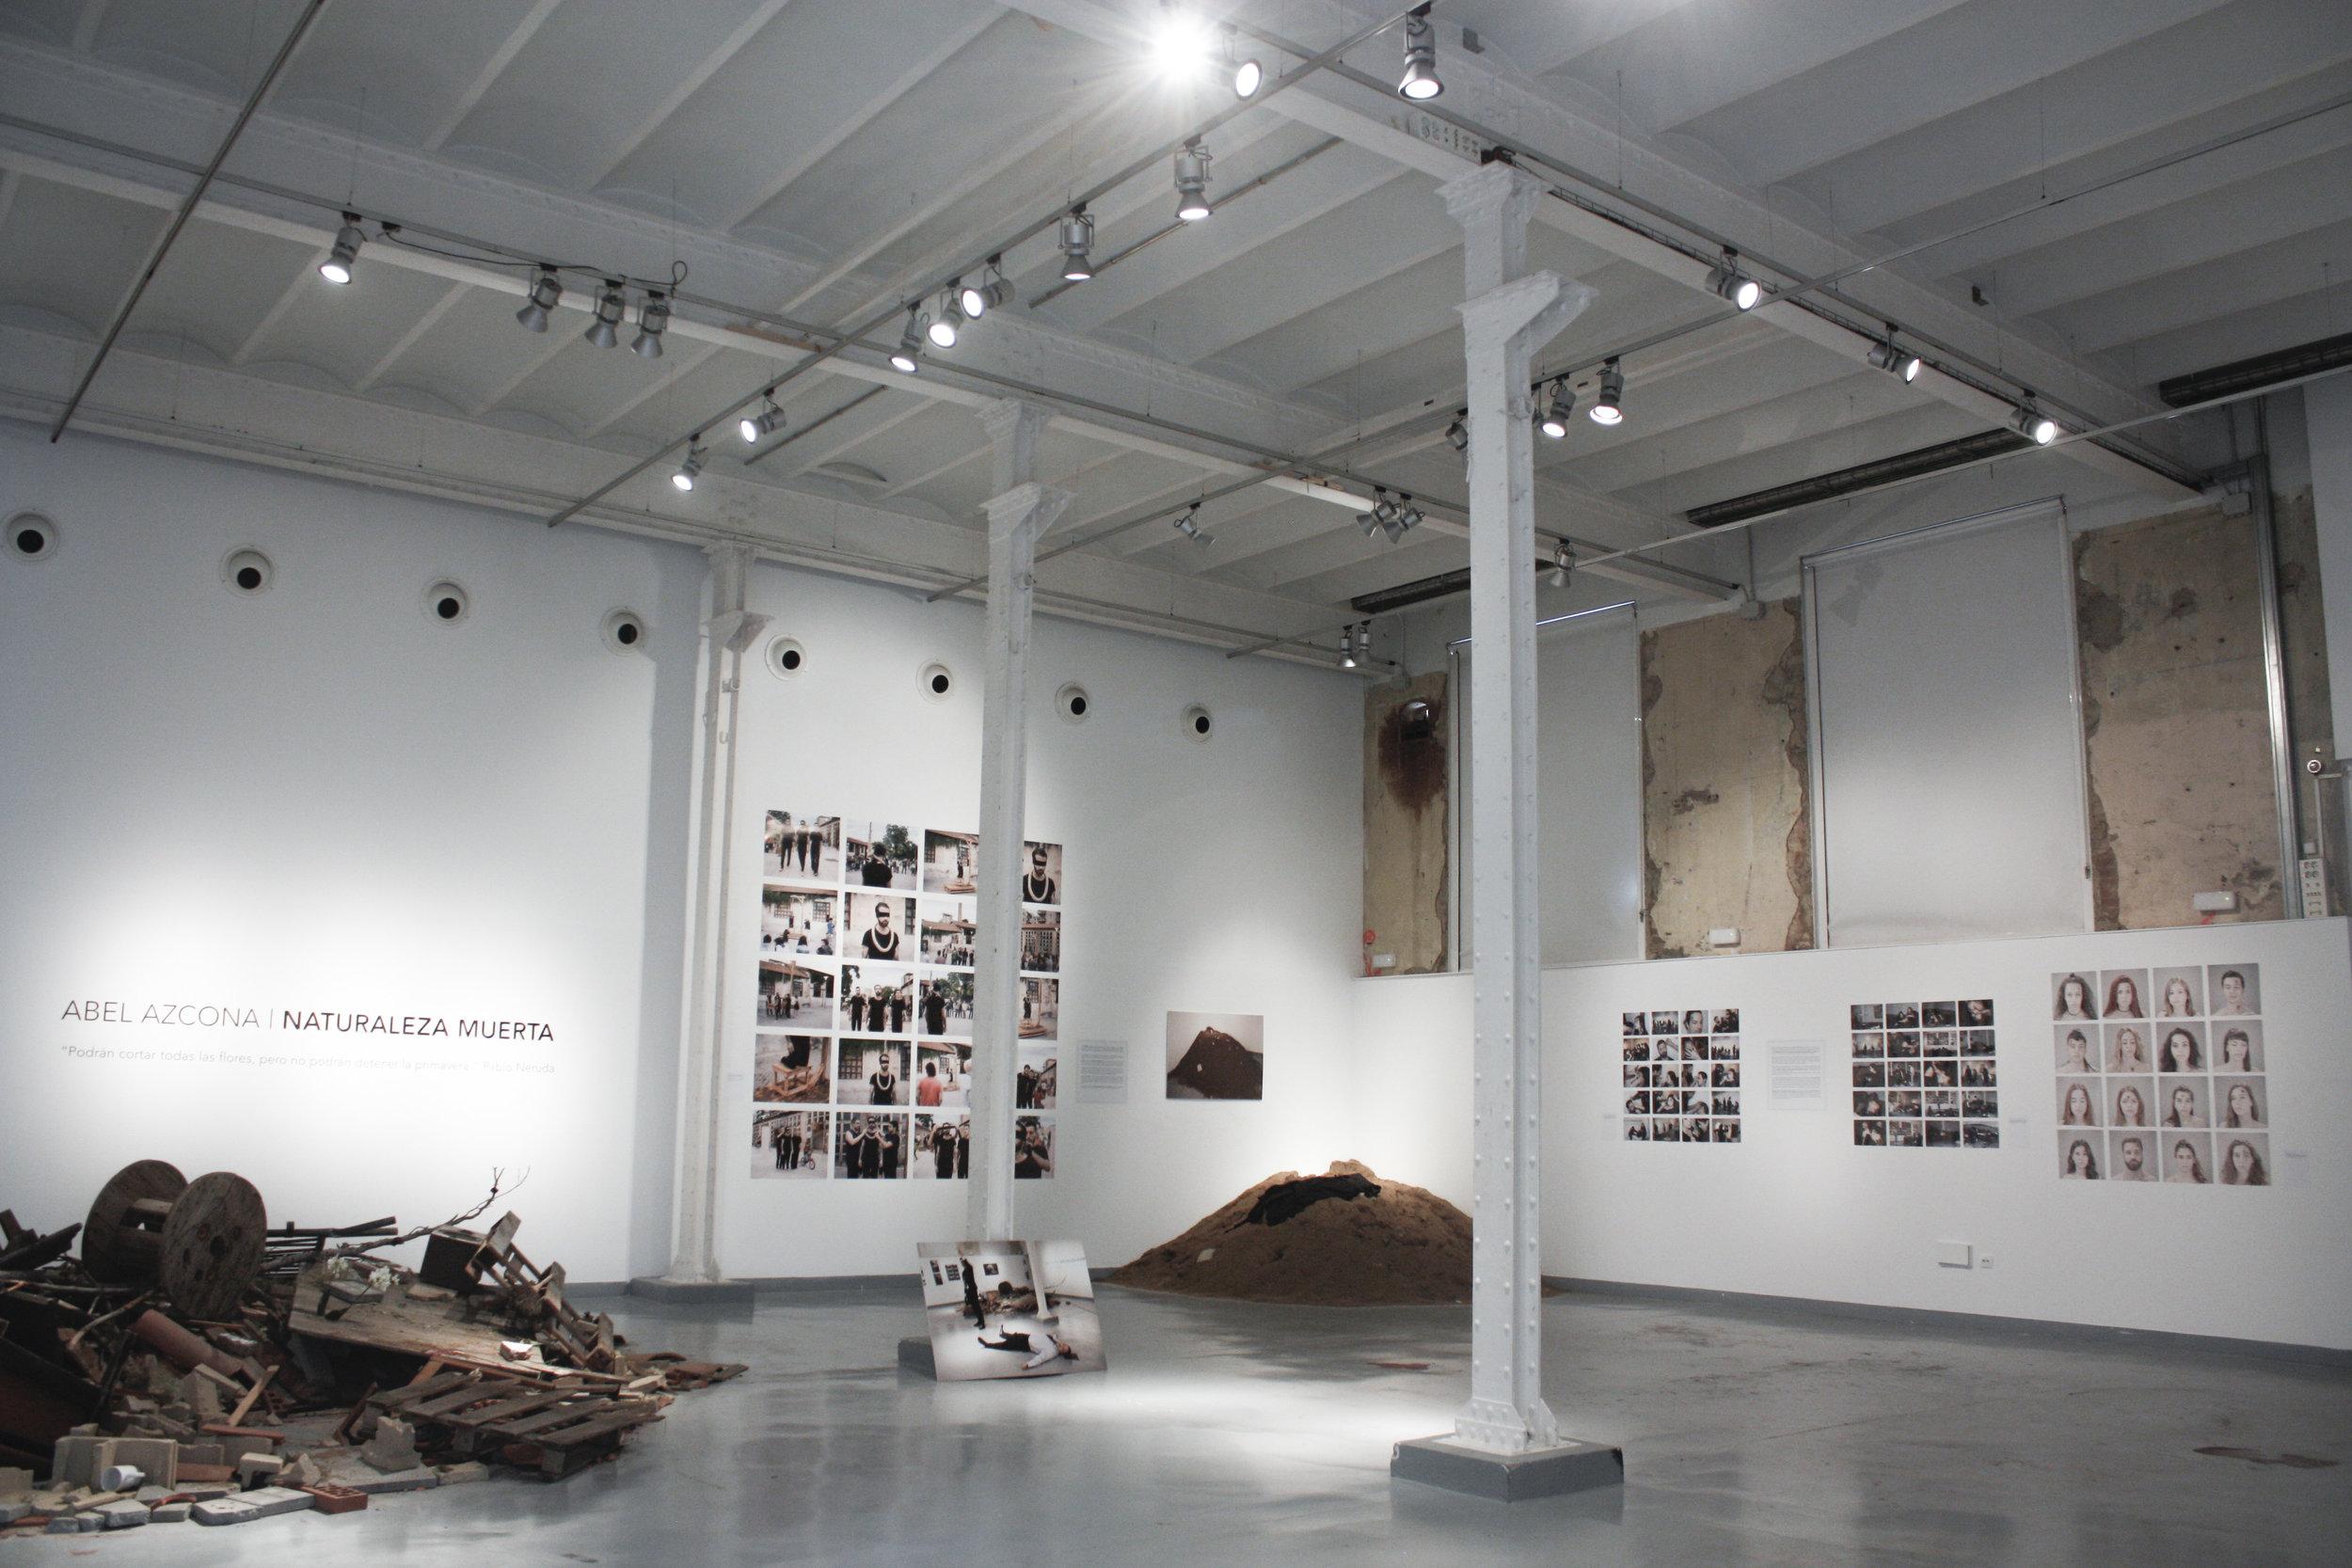 Exposición  Abel Azcona  I  Naturaleza Muerta  en  Roca Umbert Fàbrica de les Arts del 6 al 30 Abril de 2017.